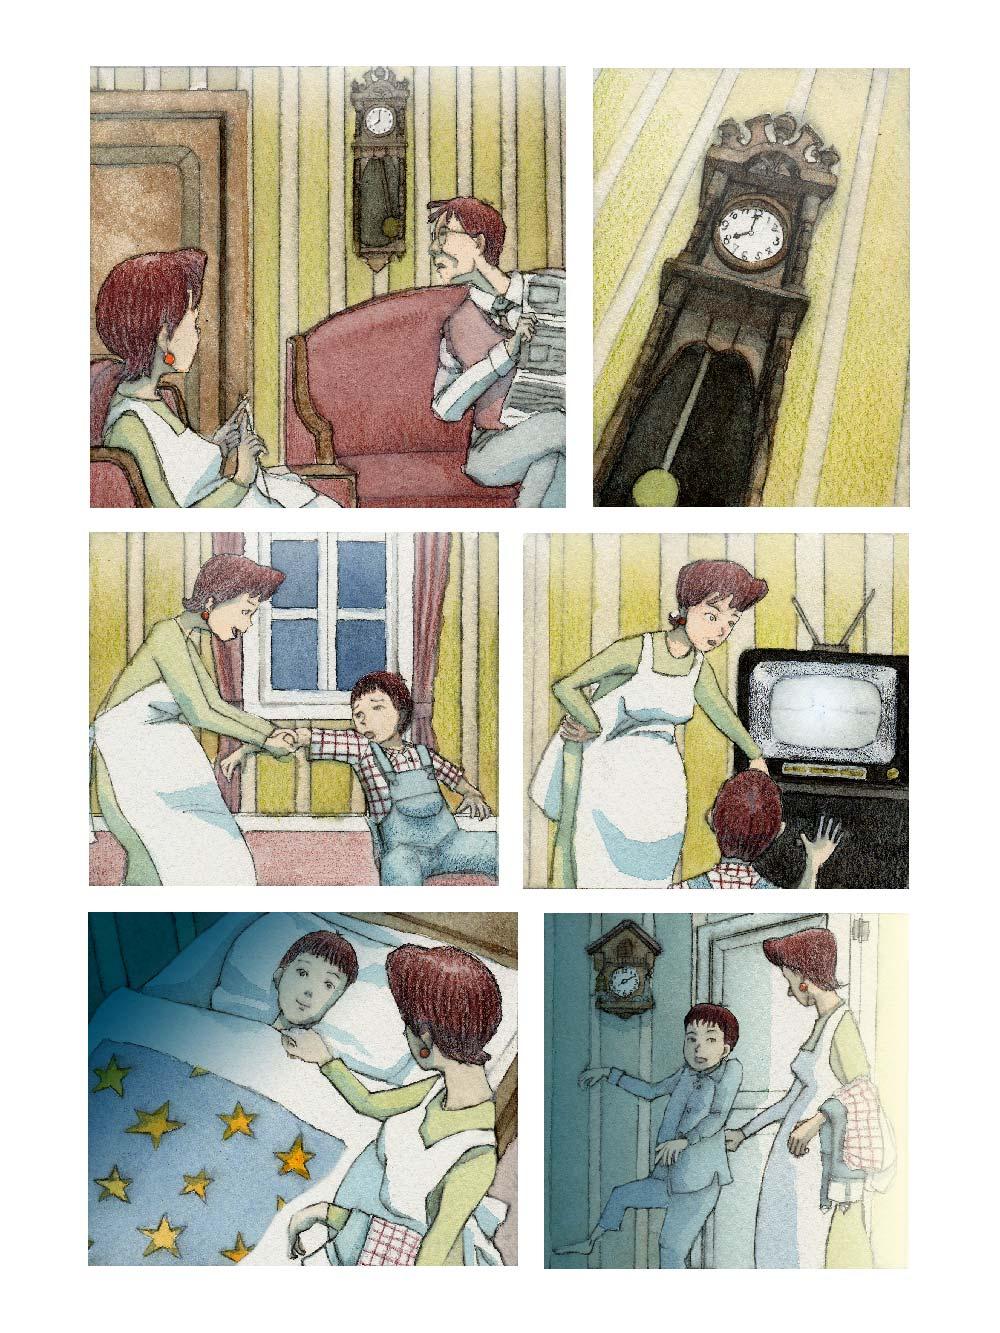 少年とバク-04.jpg